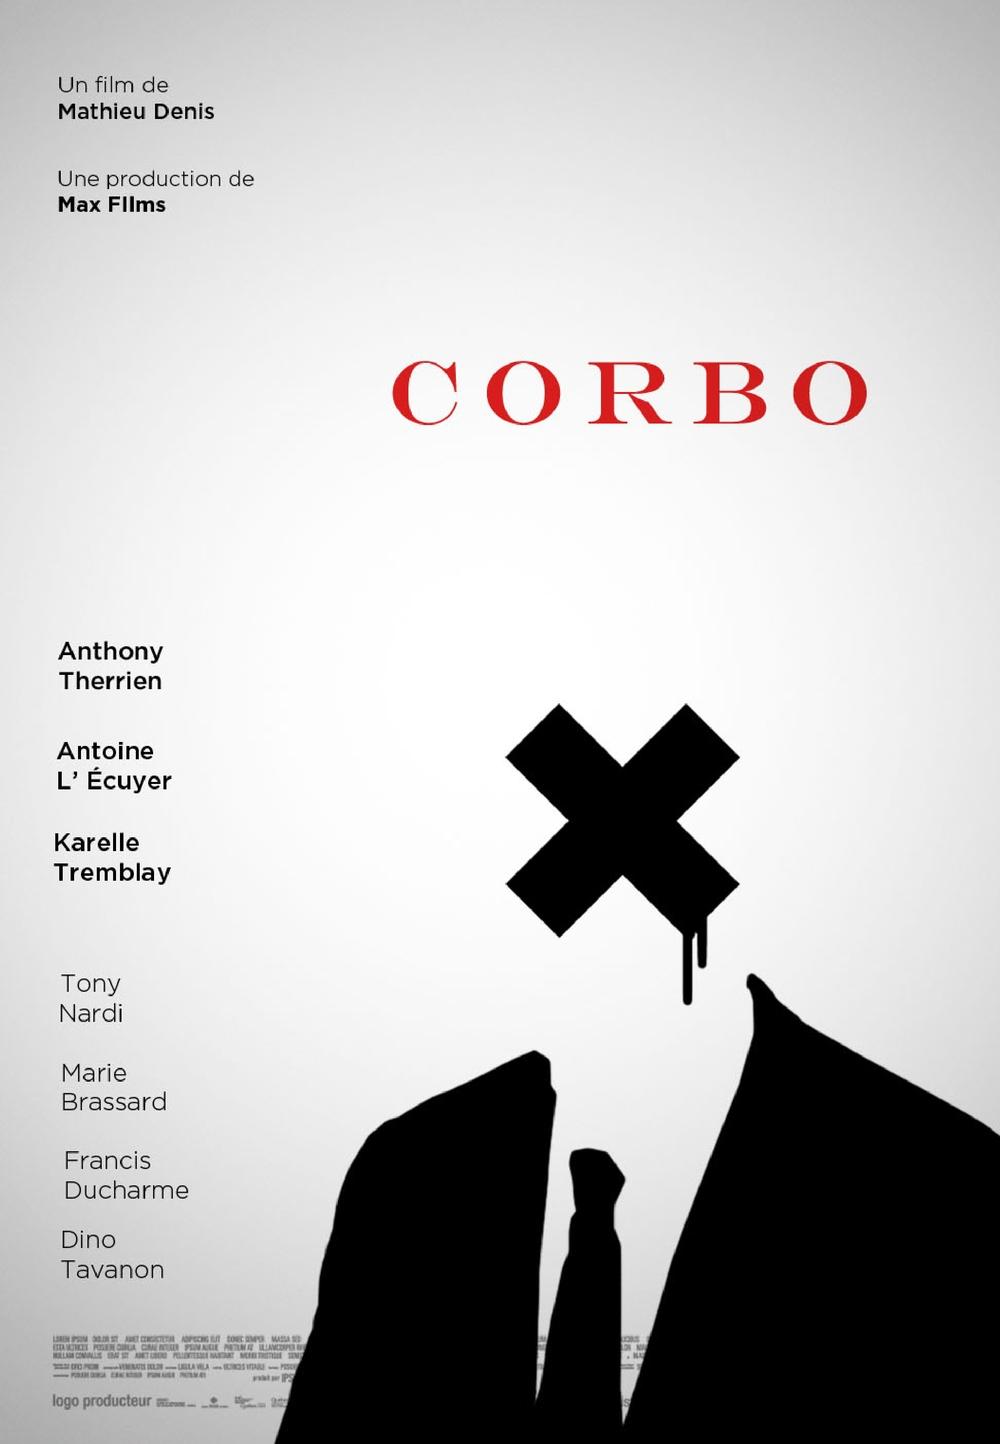 CORBO-Poster-RENZO-27oct_00022.jpg